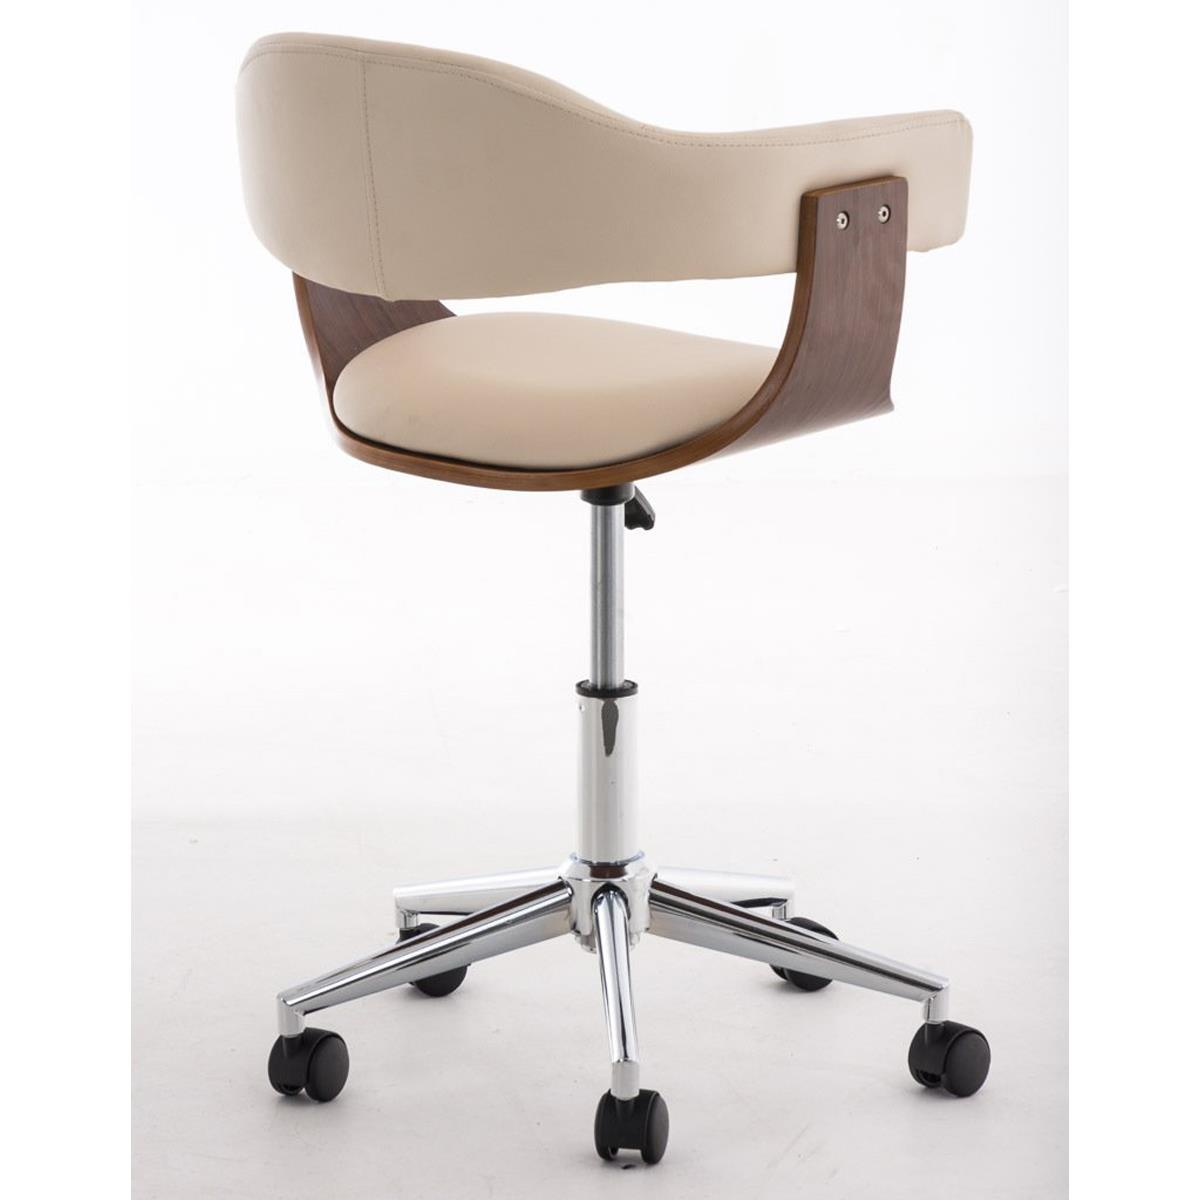 sedia di design labra con struttura in legno e base in